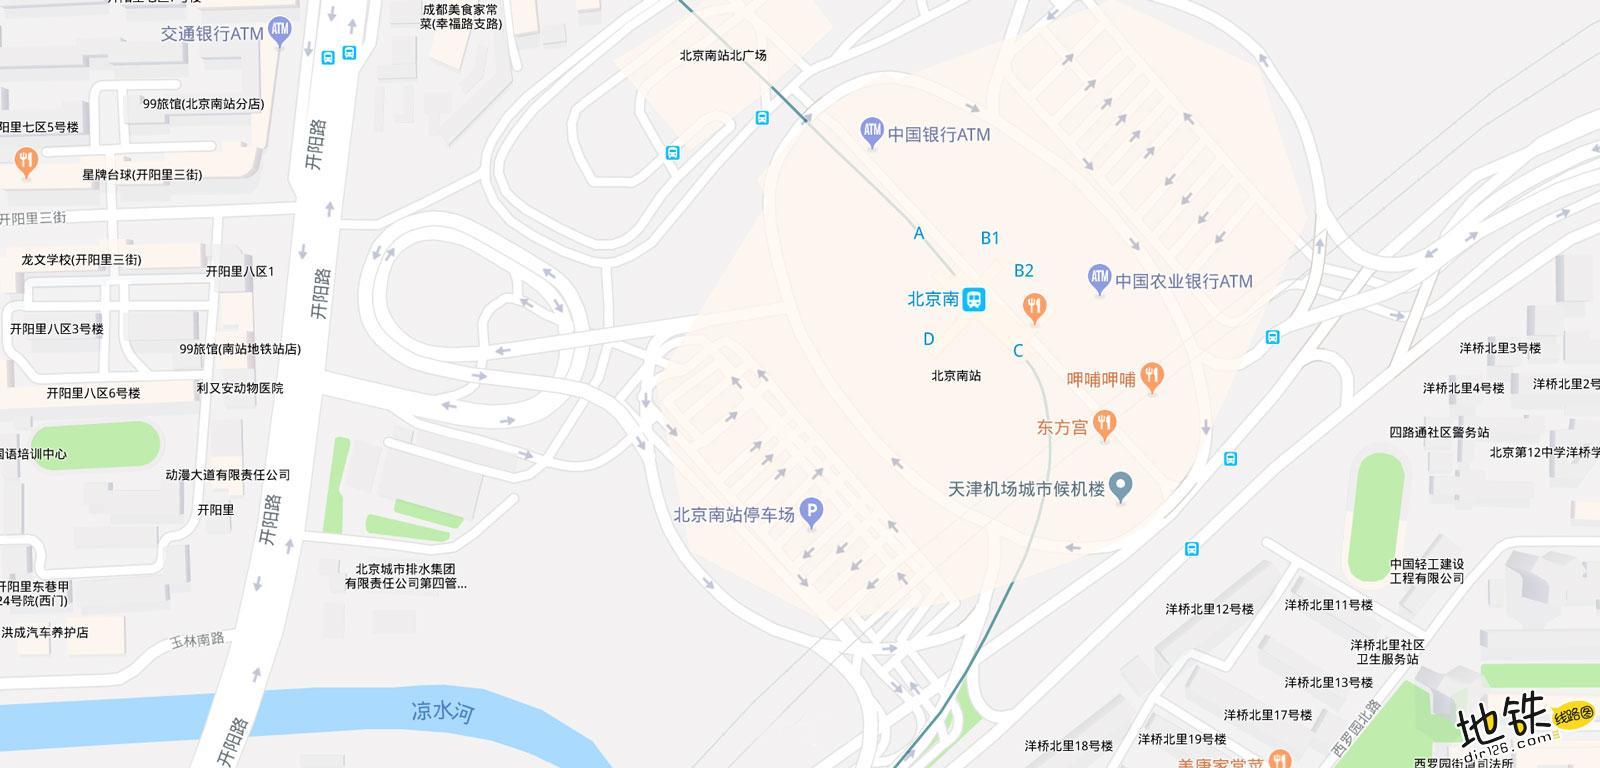 北京南站地铁站 北京地铁北京南站站出入口 地图信息查询  北京地铁站  第2张